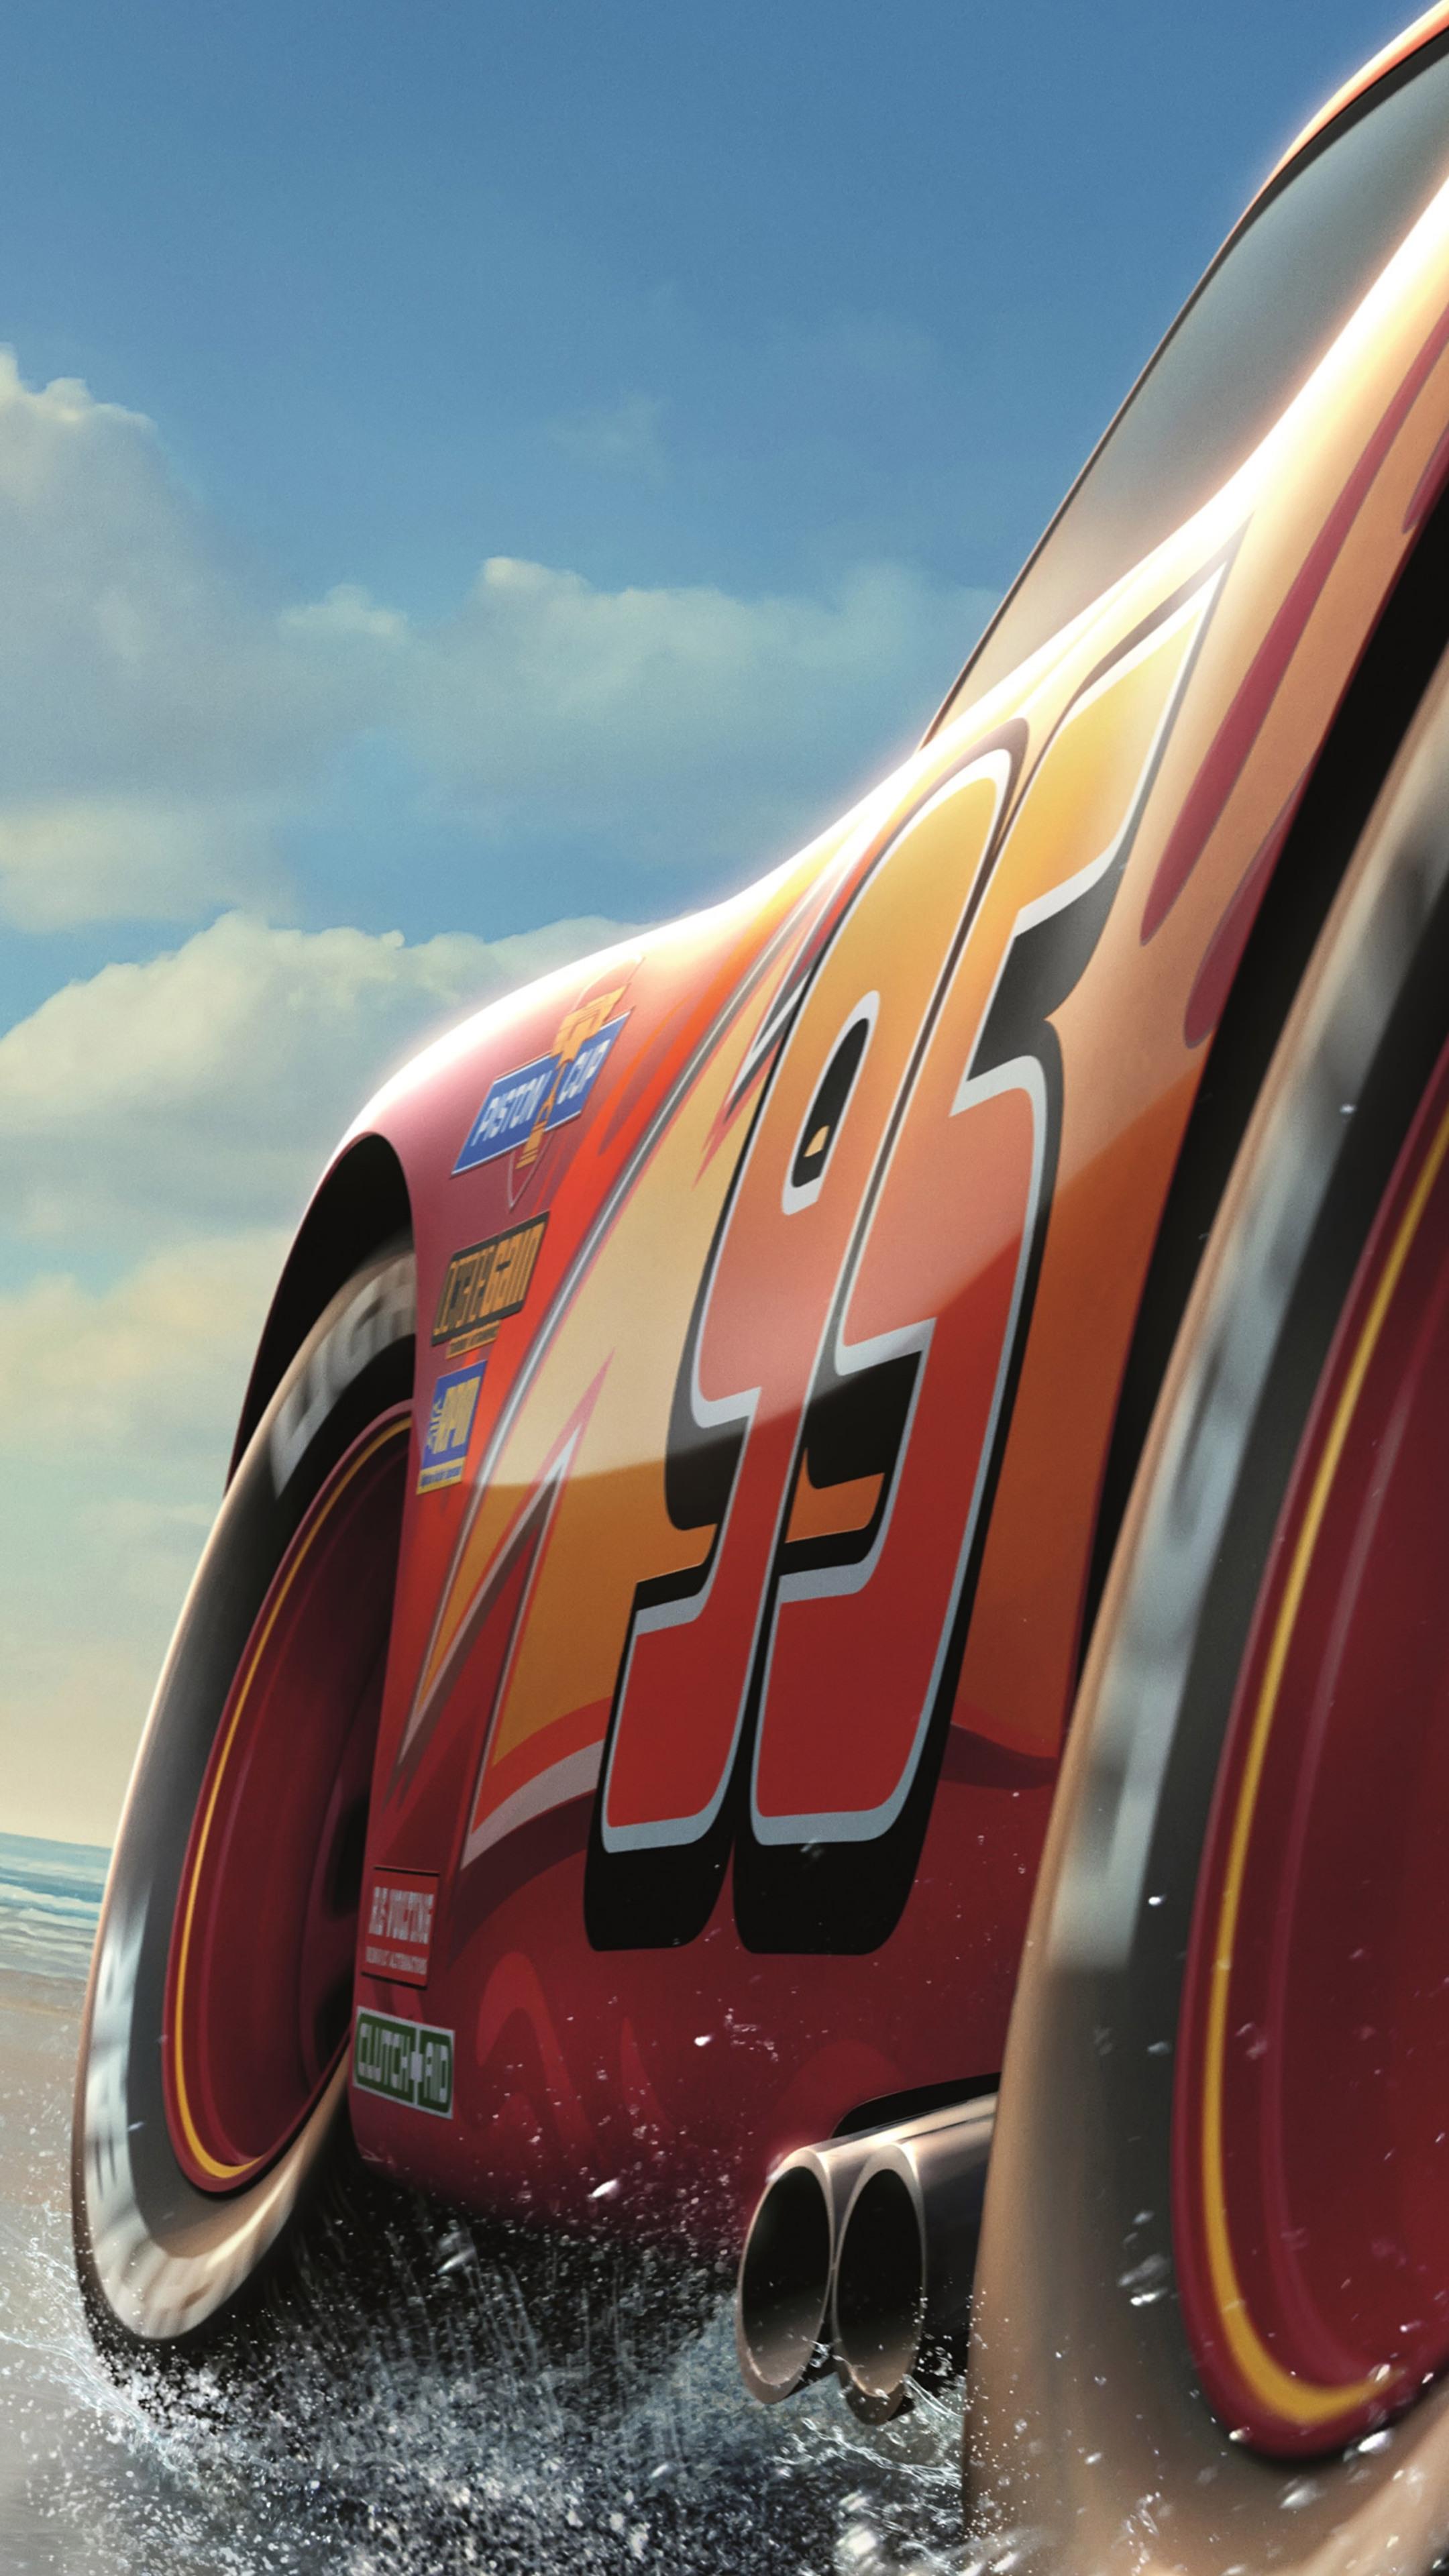 2160x3840 cars 3 8k disney movie sony xperia x xz z5 - Disney cars 3 wallpaper ...